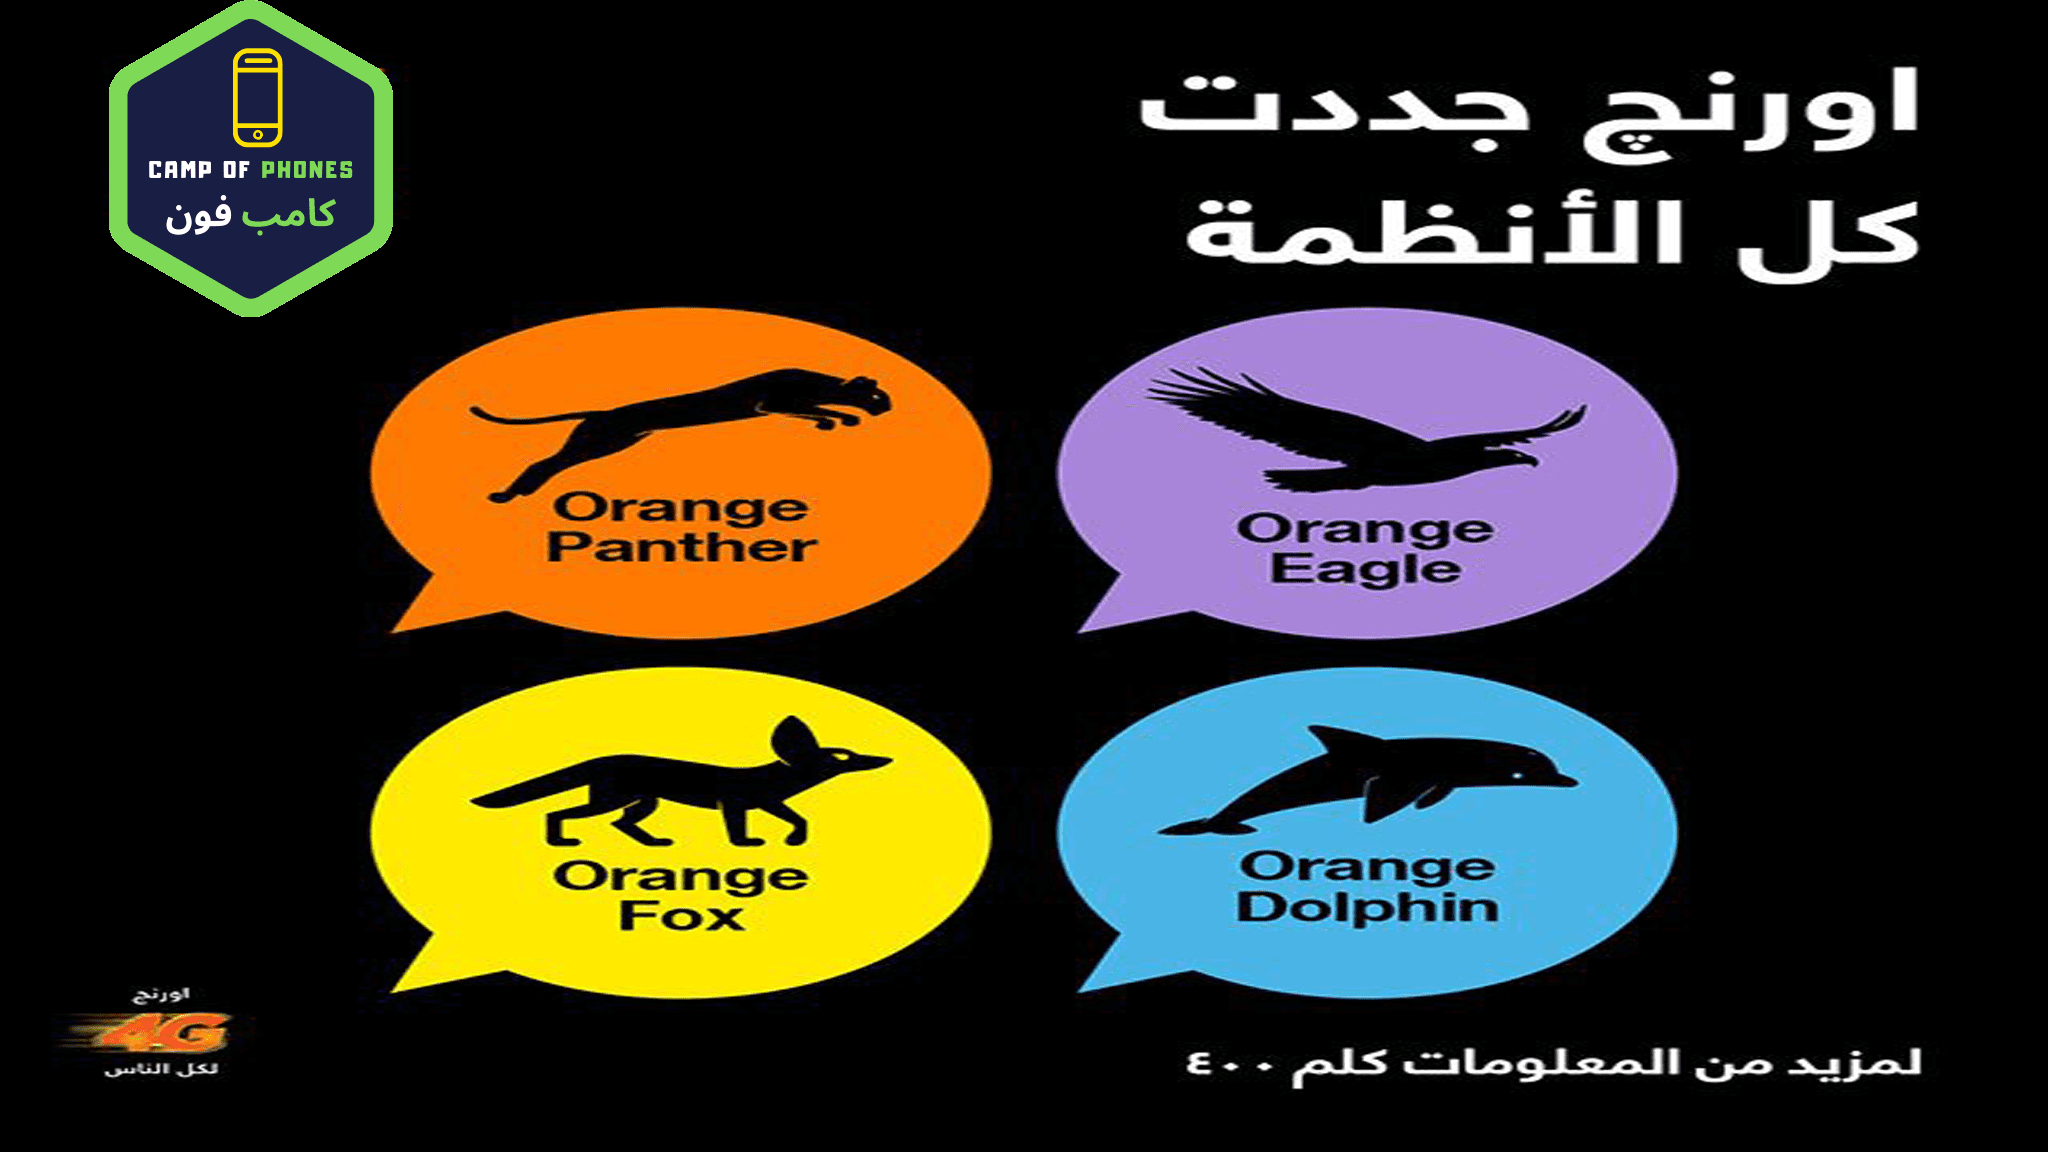 أنظمة و باقات اورنج Orange 2020 للمكالمات اليومية والشهرية وأقوي عروض اورانج 2020 Dolphins Panther Movie Posters